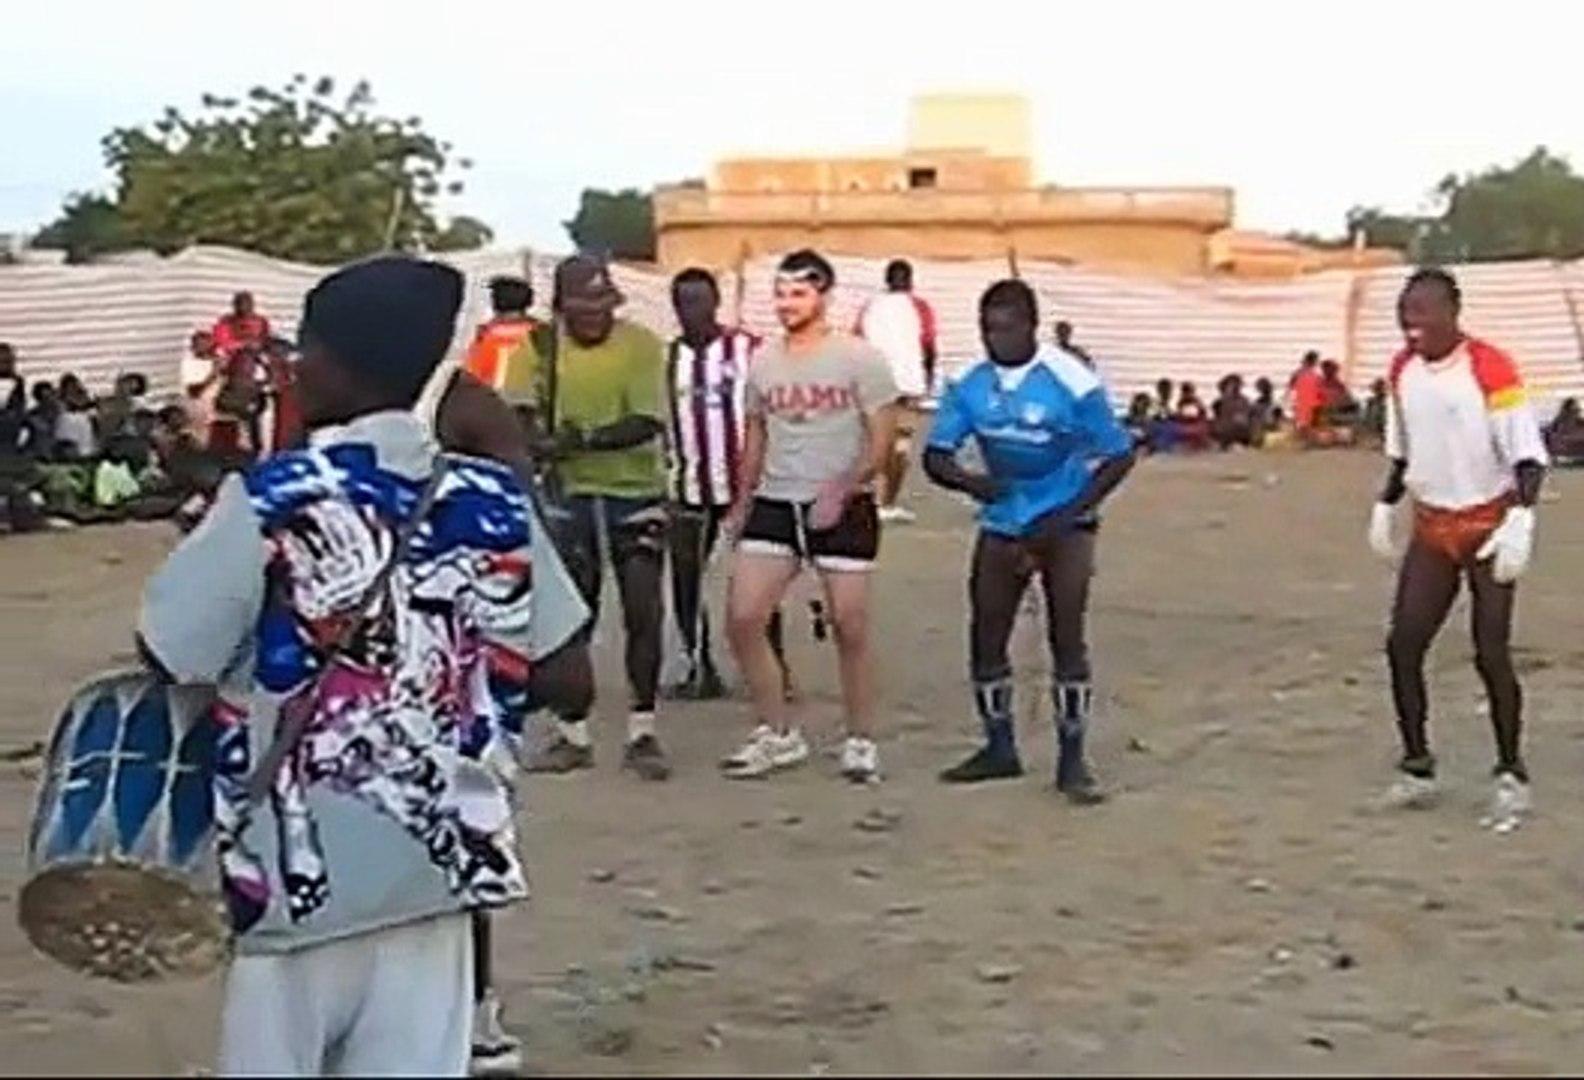 Village Wrestling